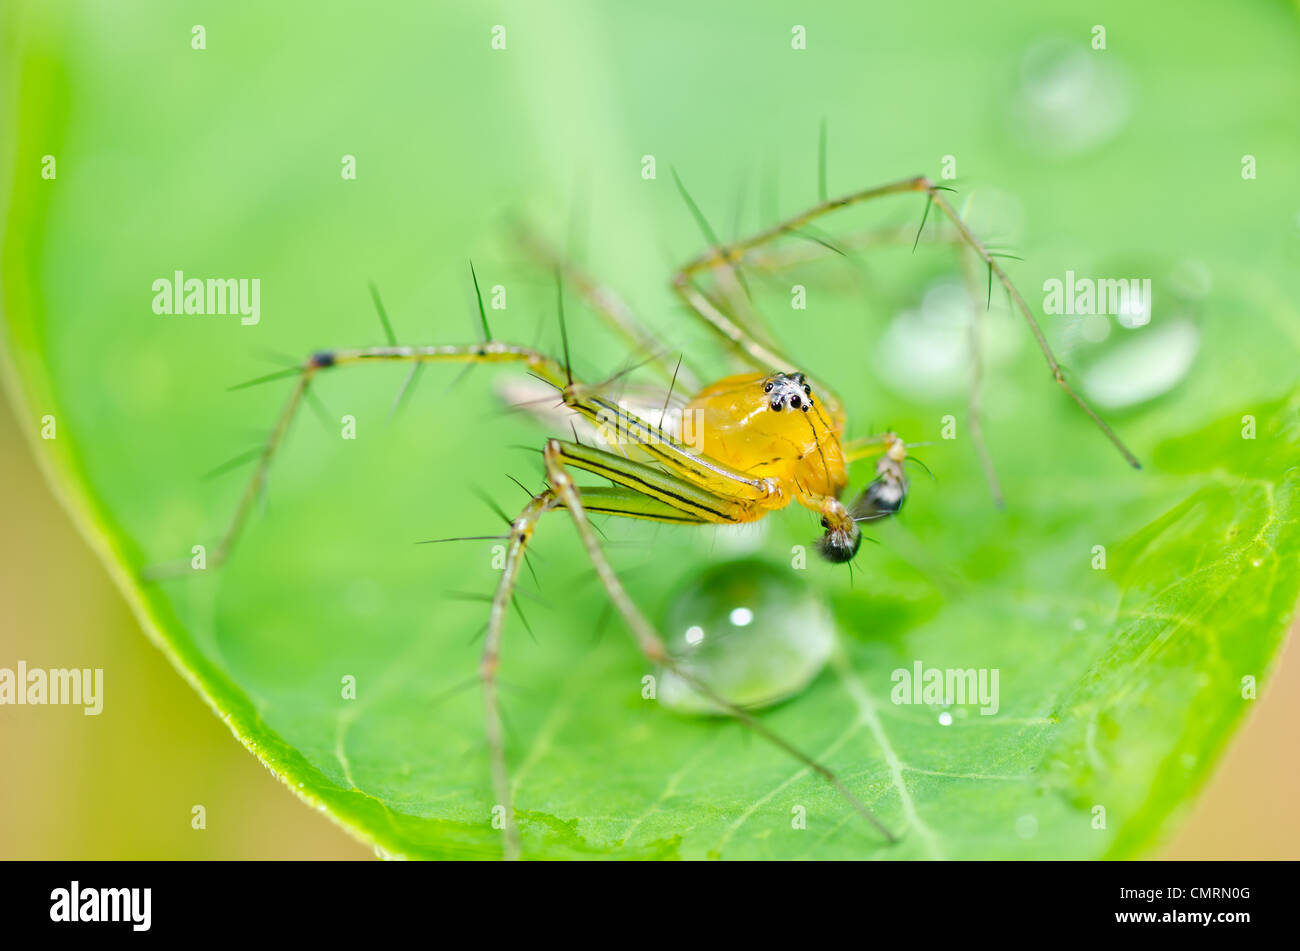 Gambe lunghe spider e gocce di acqua nel verde della natura o il giardino Immagini Stock